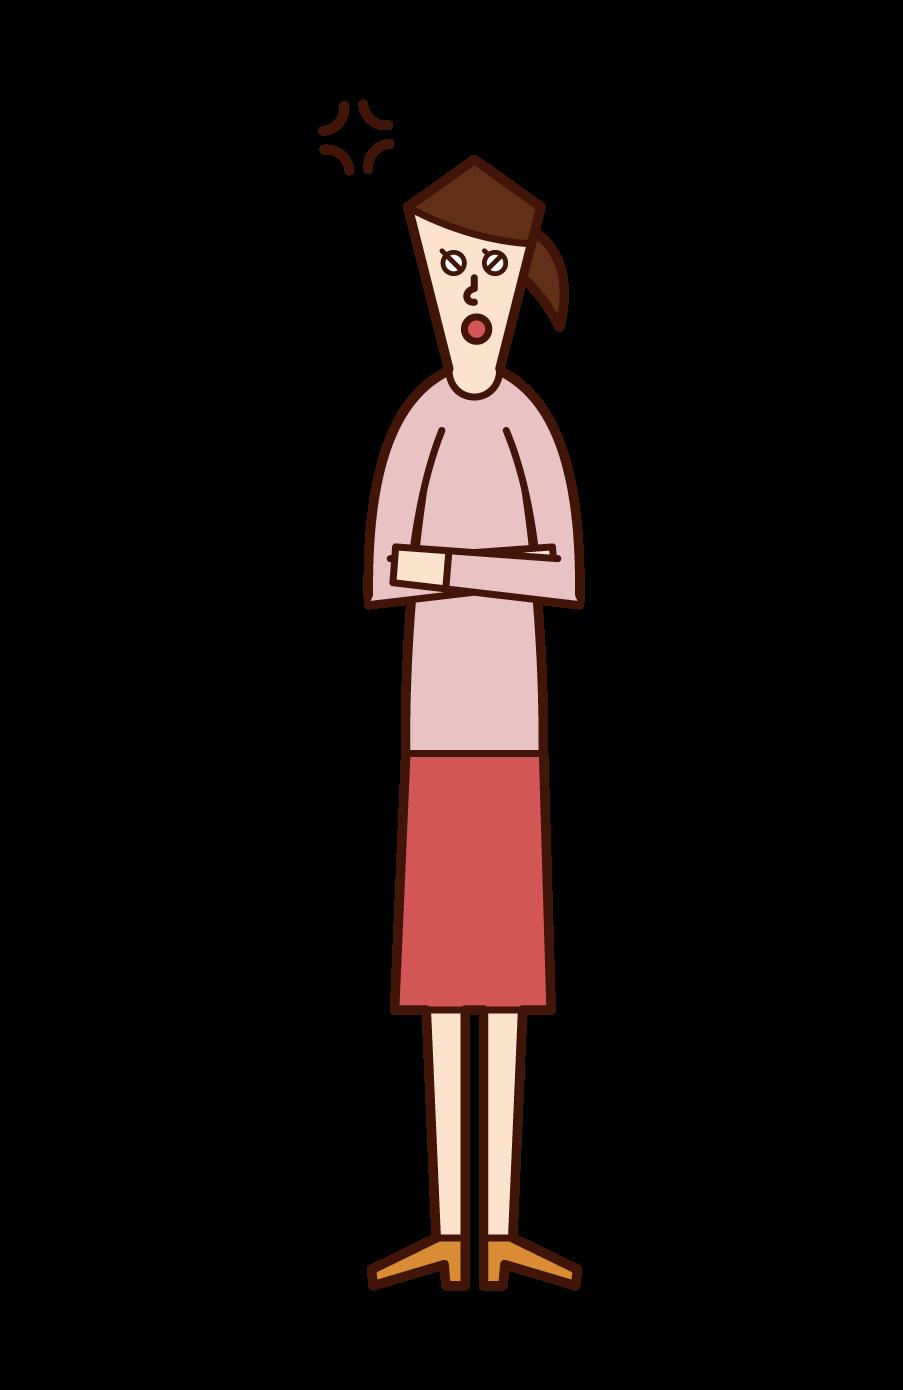 腕を組んで怒る人(女性)のイラスト